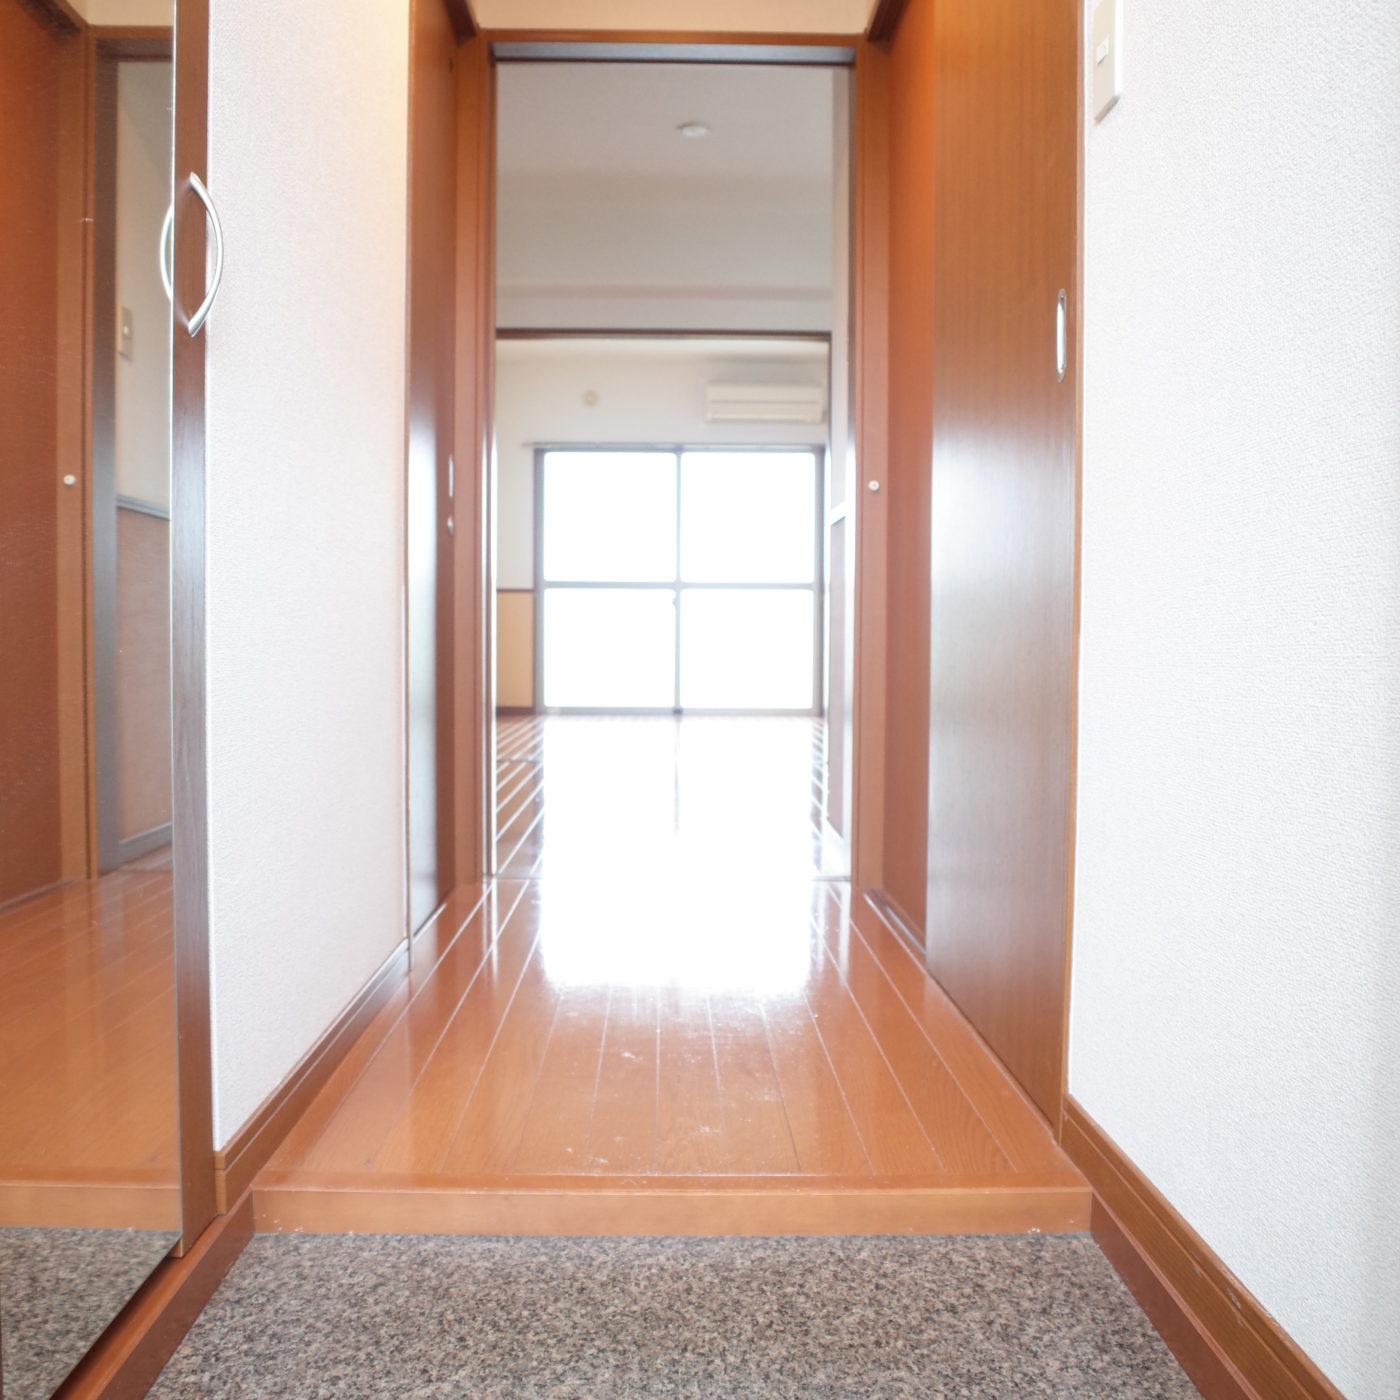 九州大学 伊都 アプリカード 一人暮らし 玄関